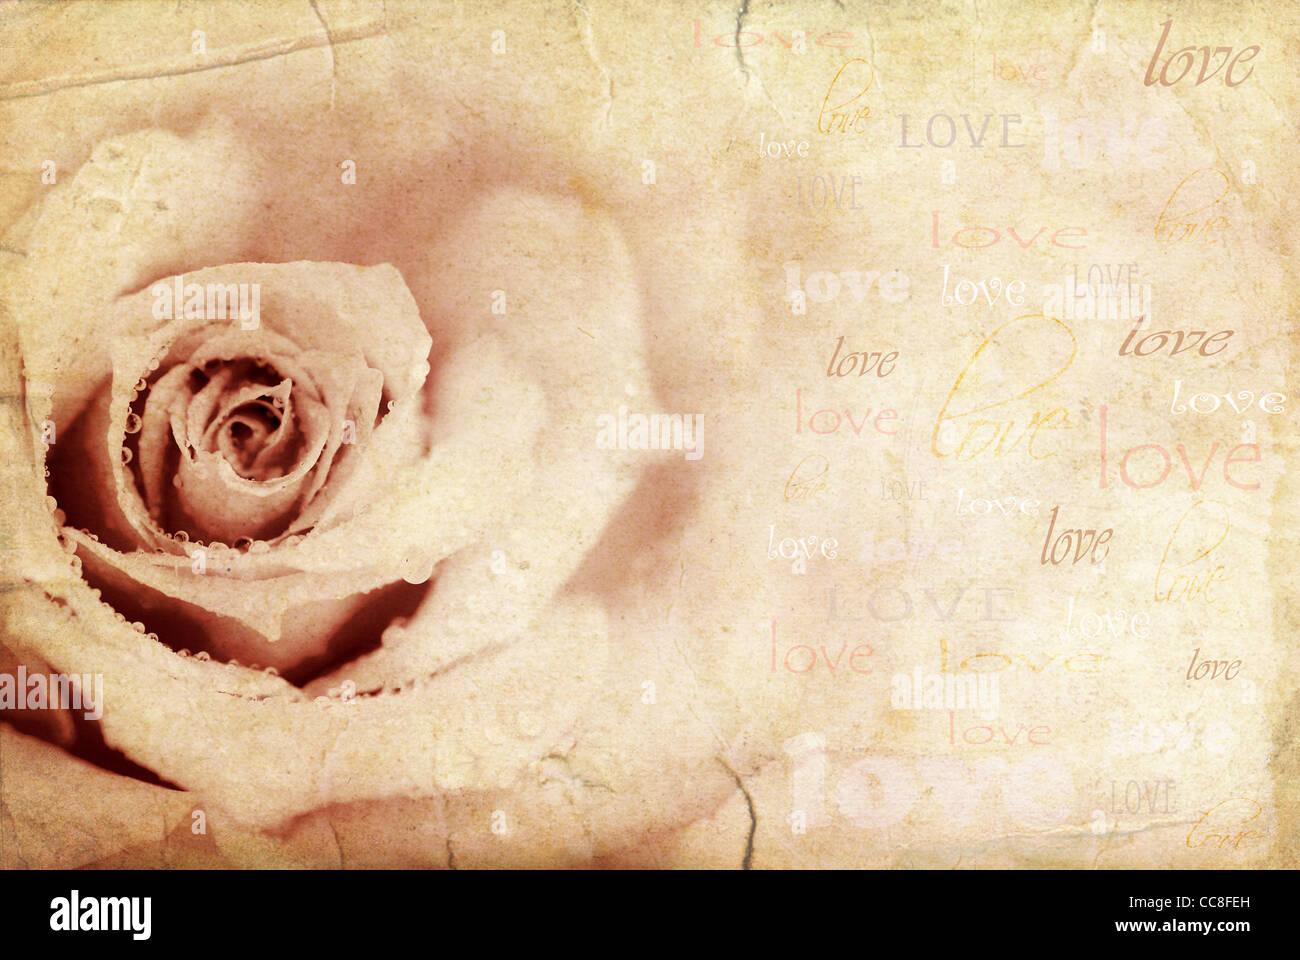 Fond rose Grungy, maison de vacances Carte de fête avec texte d'amour Banque D'Images